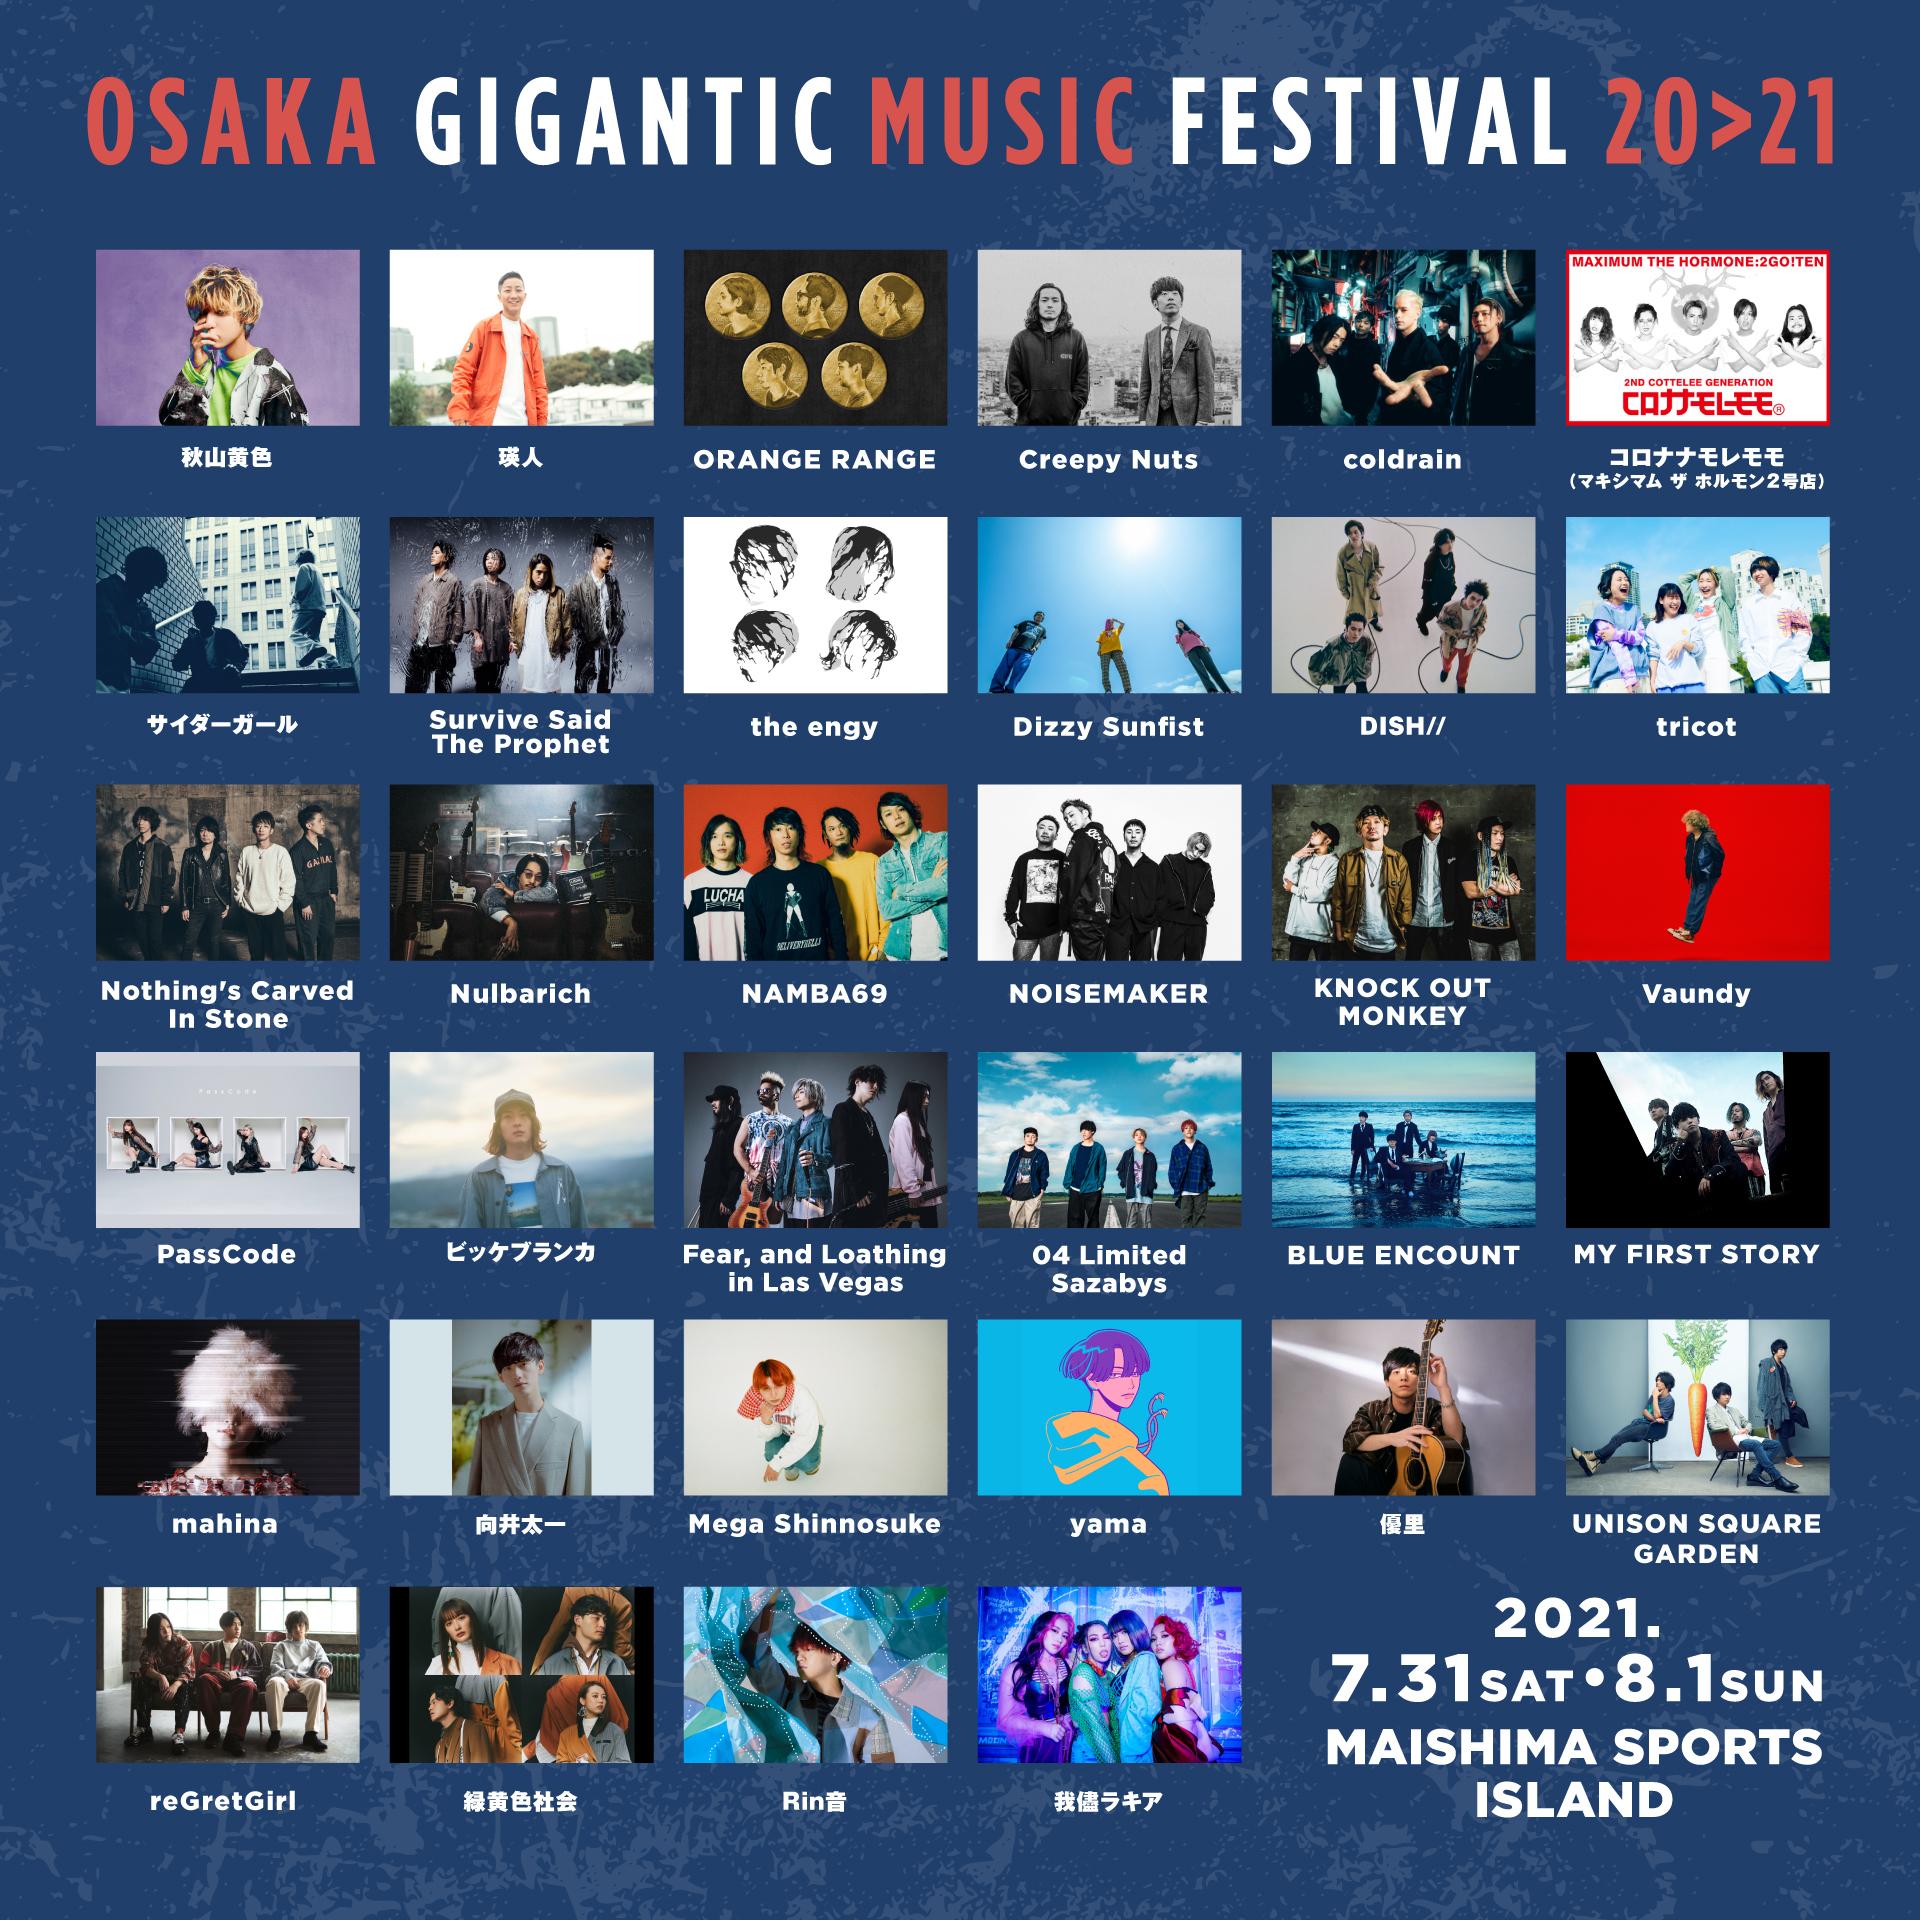 OSAKA GIGANTIC MUSIC FESTIVAL20>21